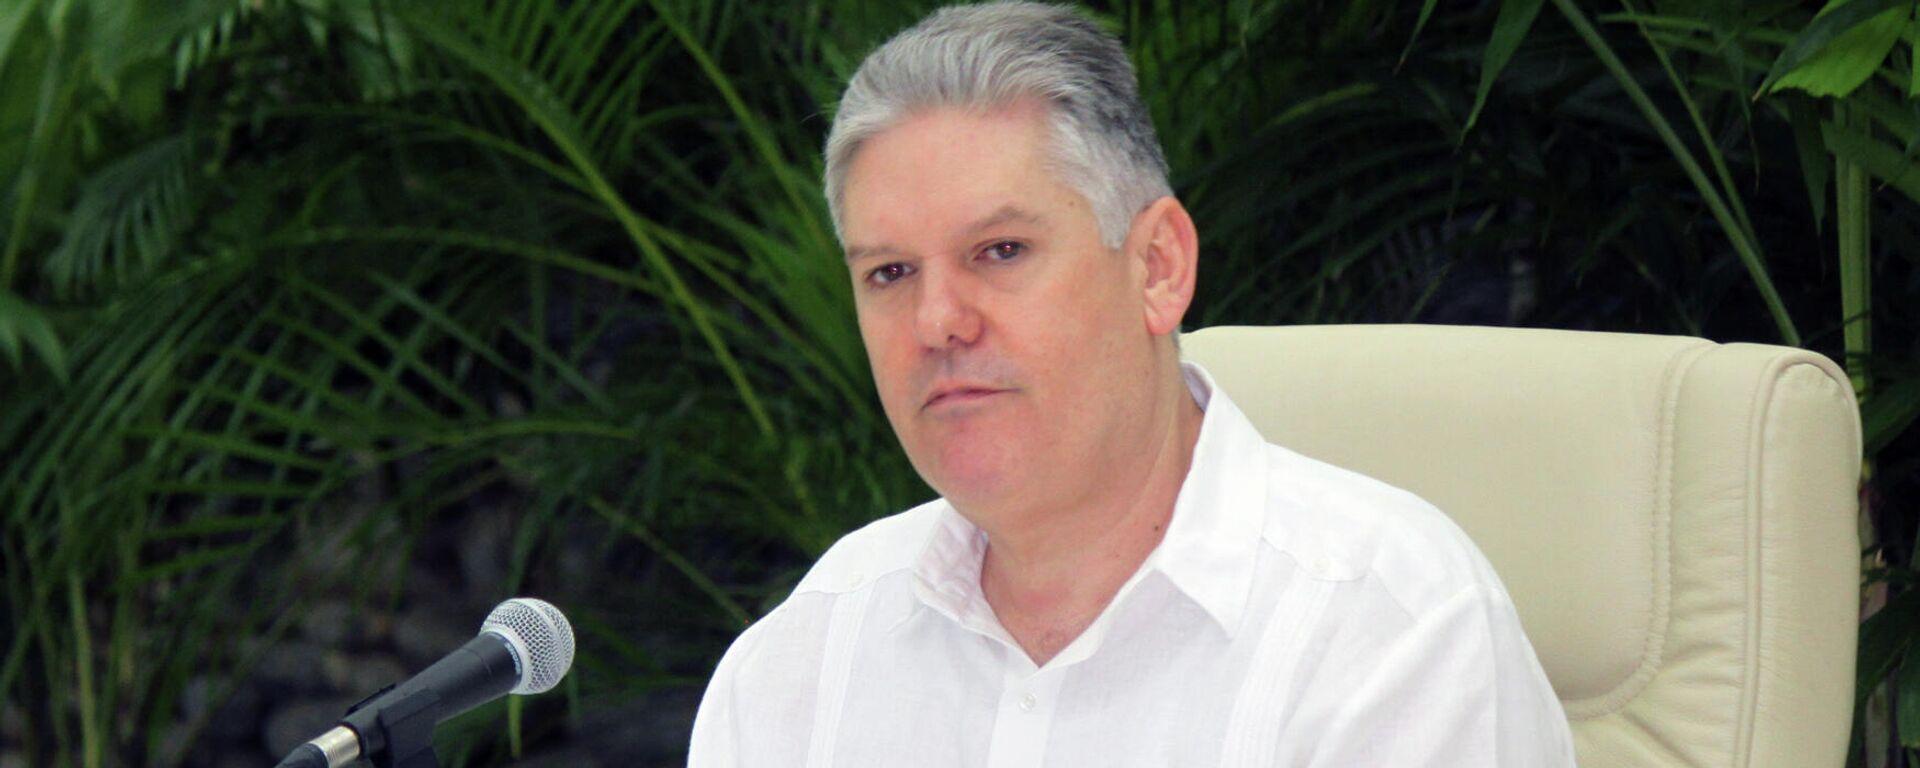 Alejandro Gil, vice primer ministro y titular de Economía de Cuba  - Sputnik Mundo, 1920, 23.05.2021